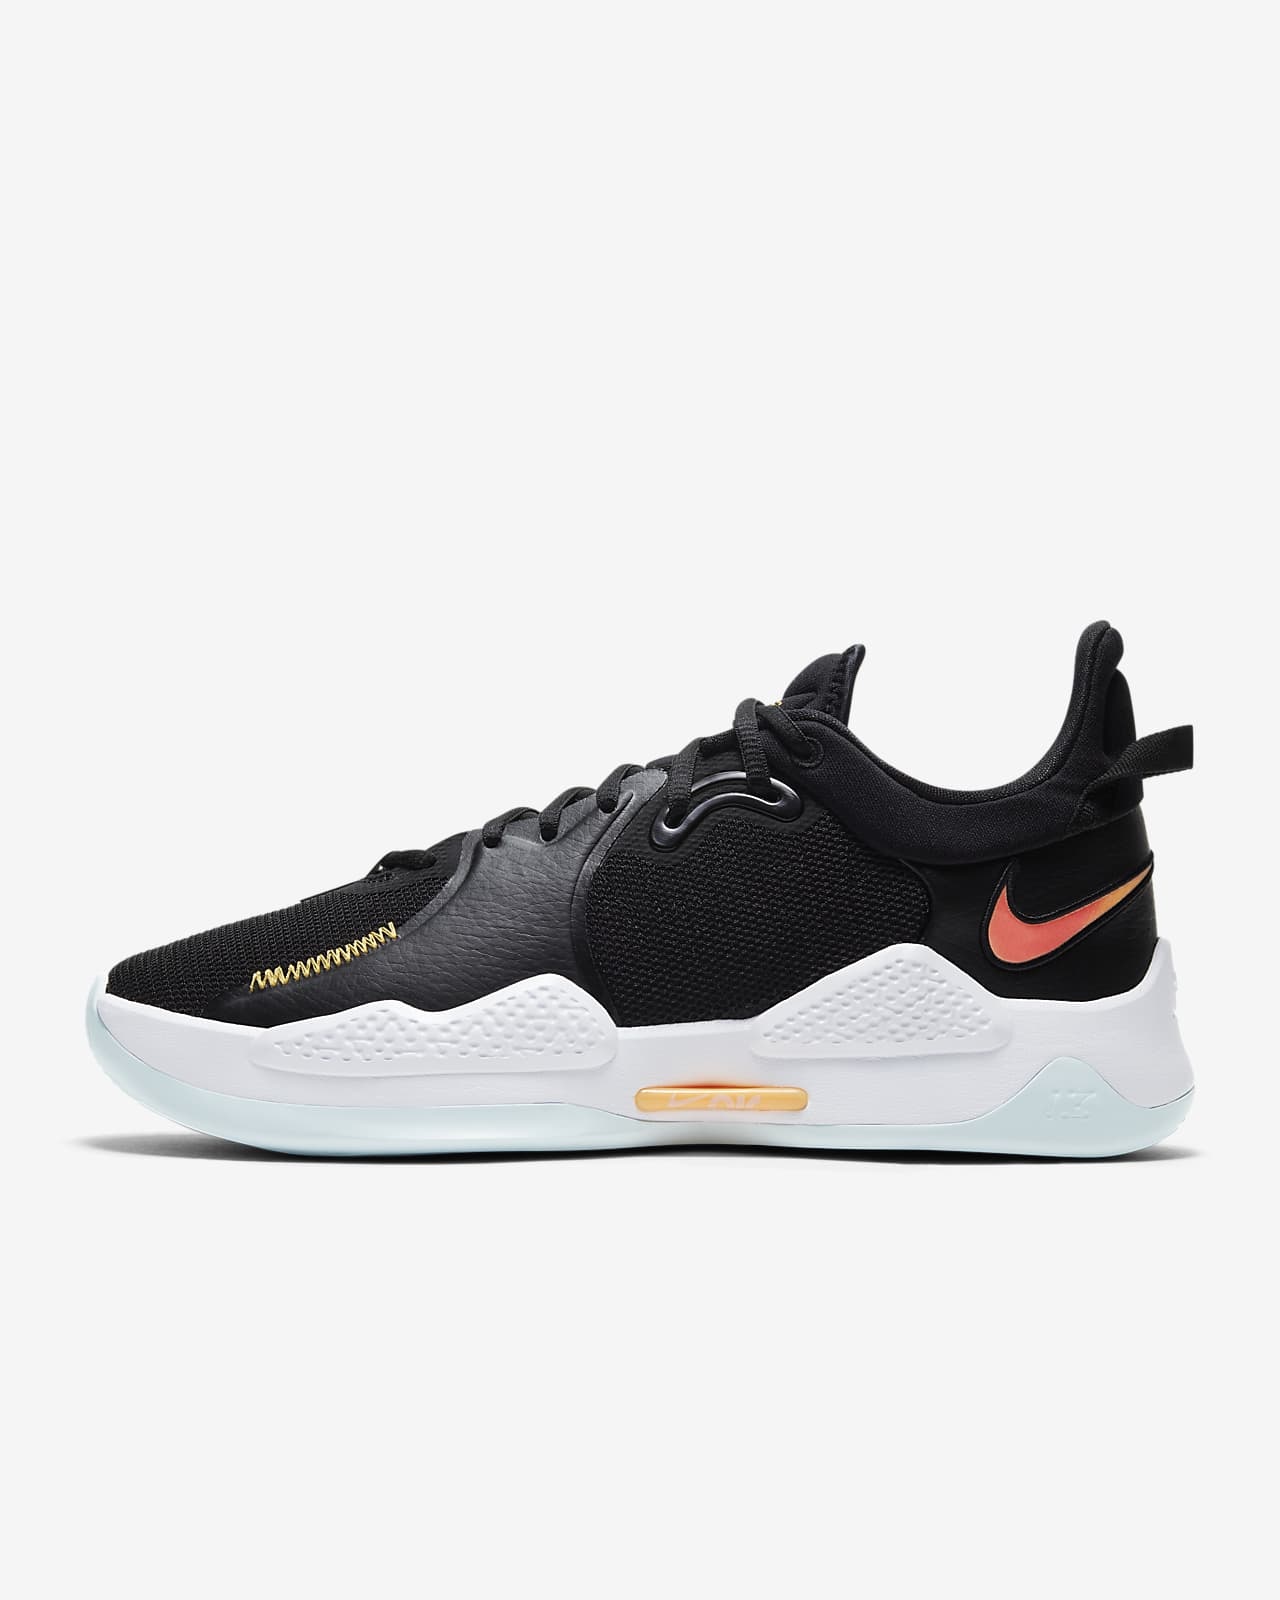 PG 5 Basketball Shoe